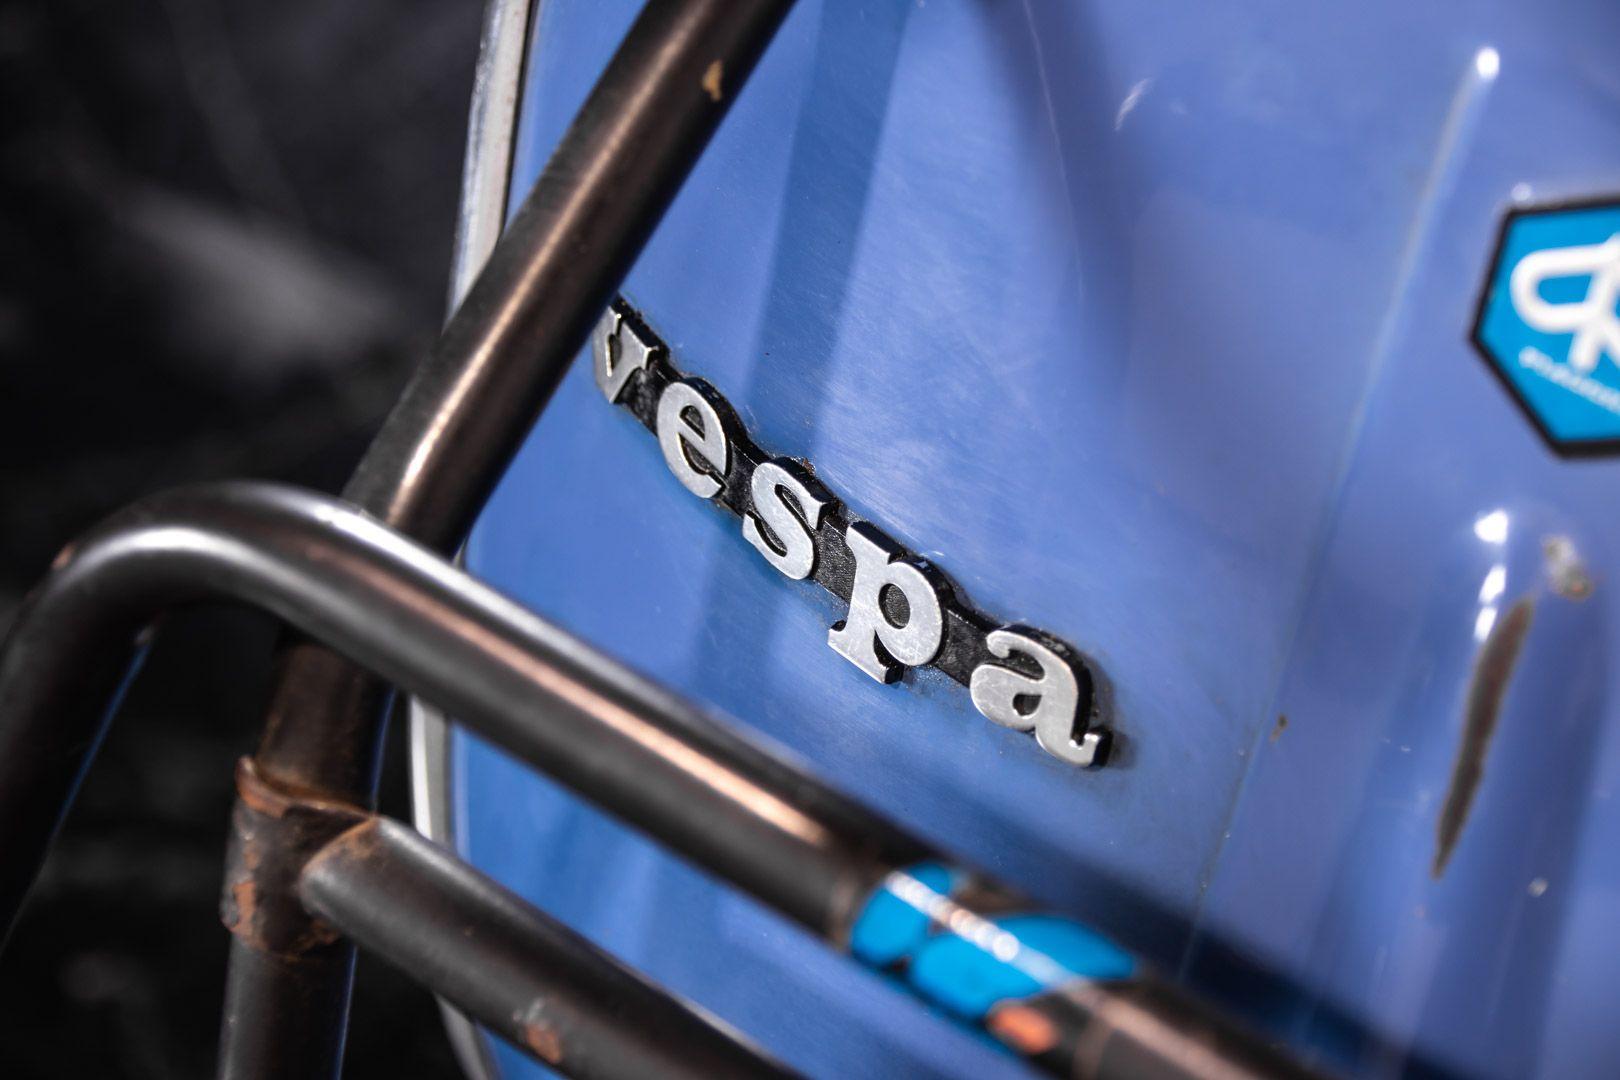 1974 Piaggio Vespa 50 3 marce 83510